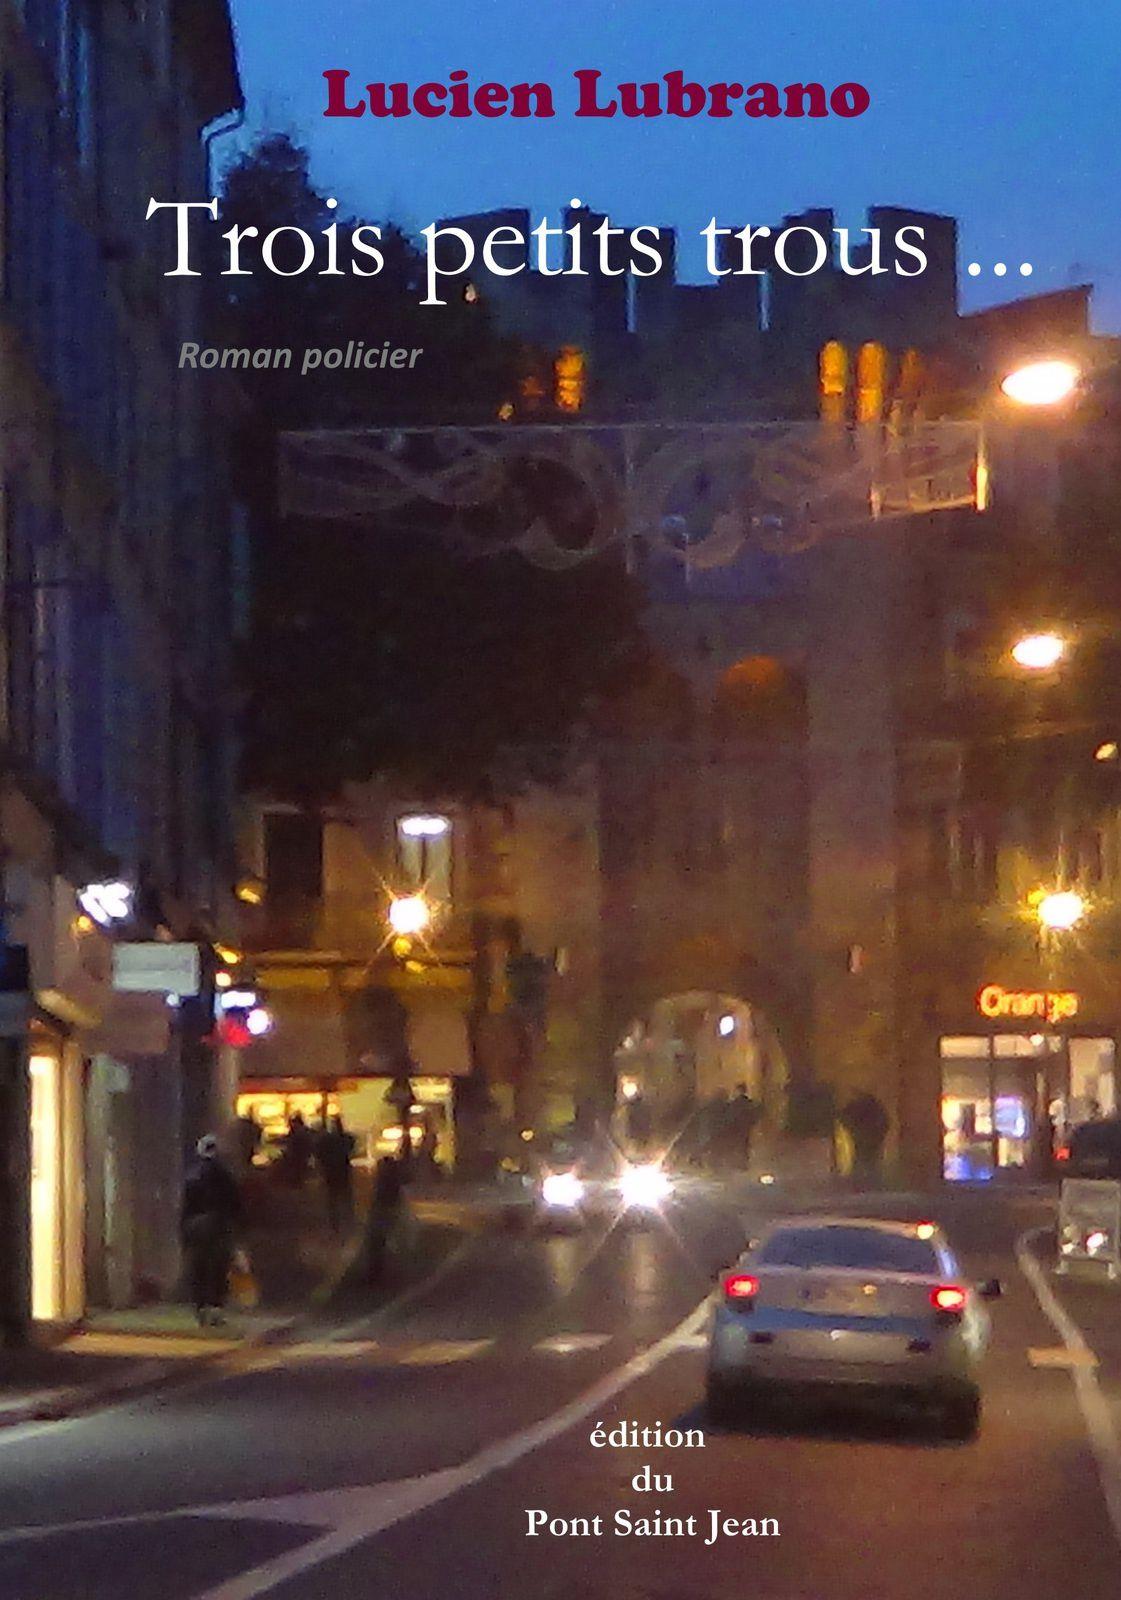 Roman policier en Provence : Trois petits trous